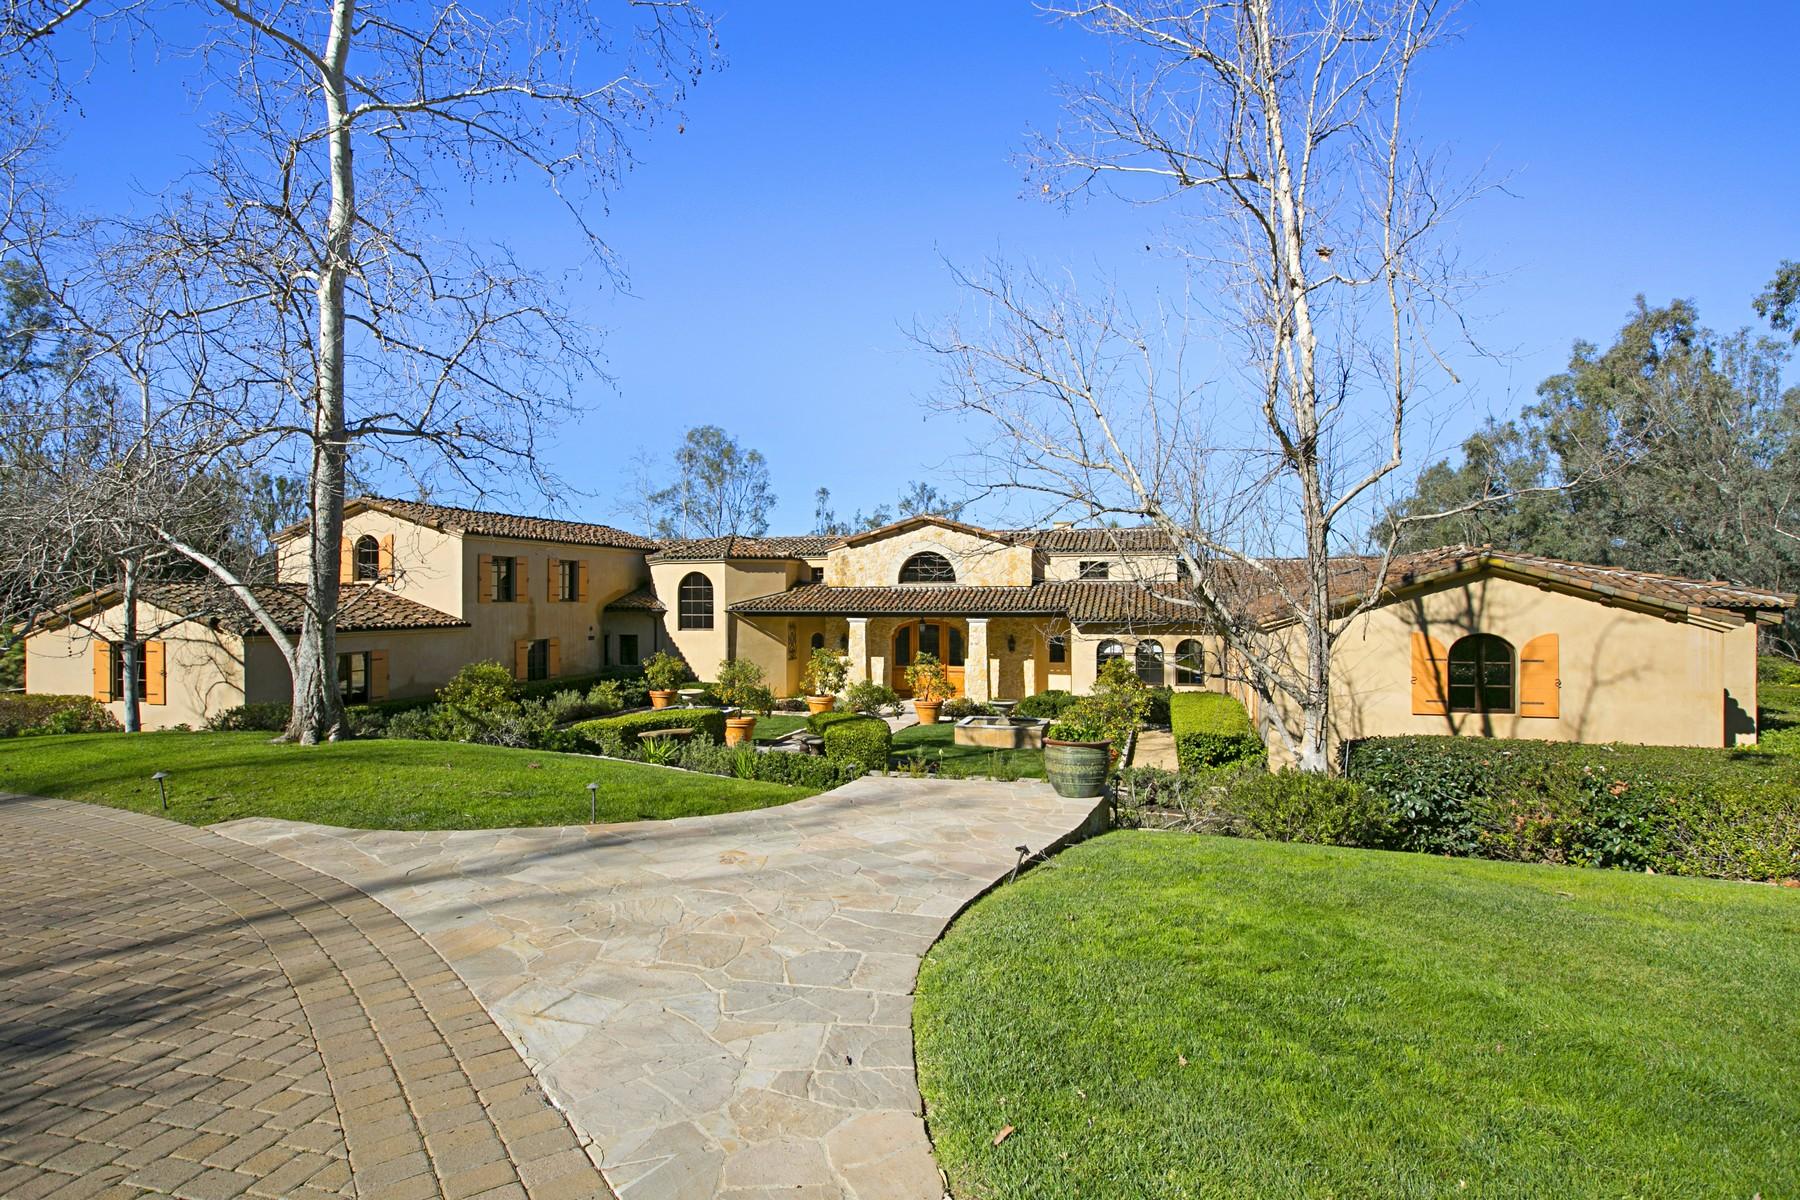 一戸建て のために 売買 アット 5168 Linea Del Cielo Rancho Santa Fe, カリフォルニア, 92067 アメリカ合衆国